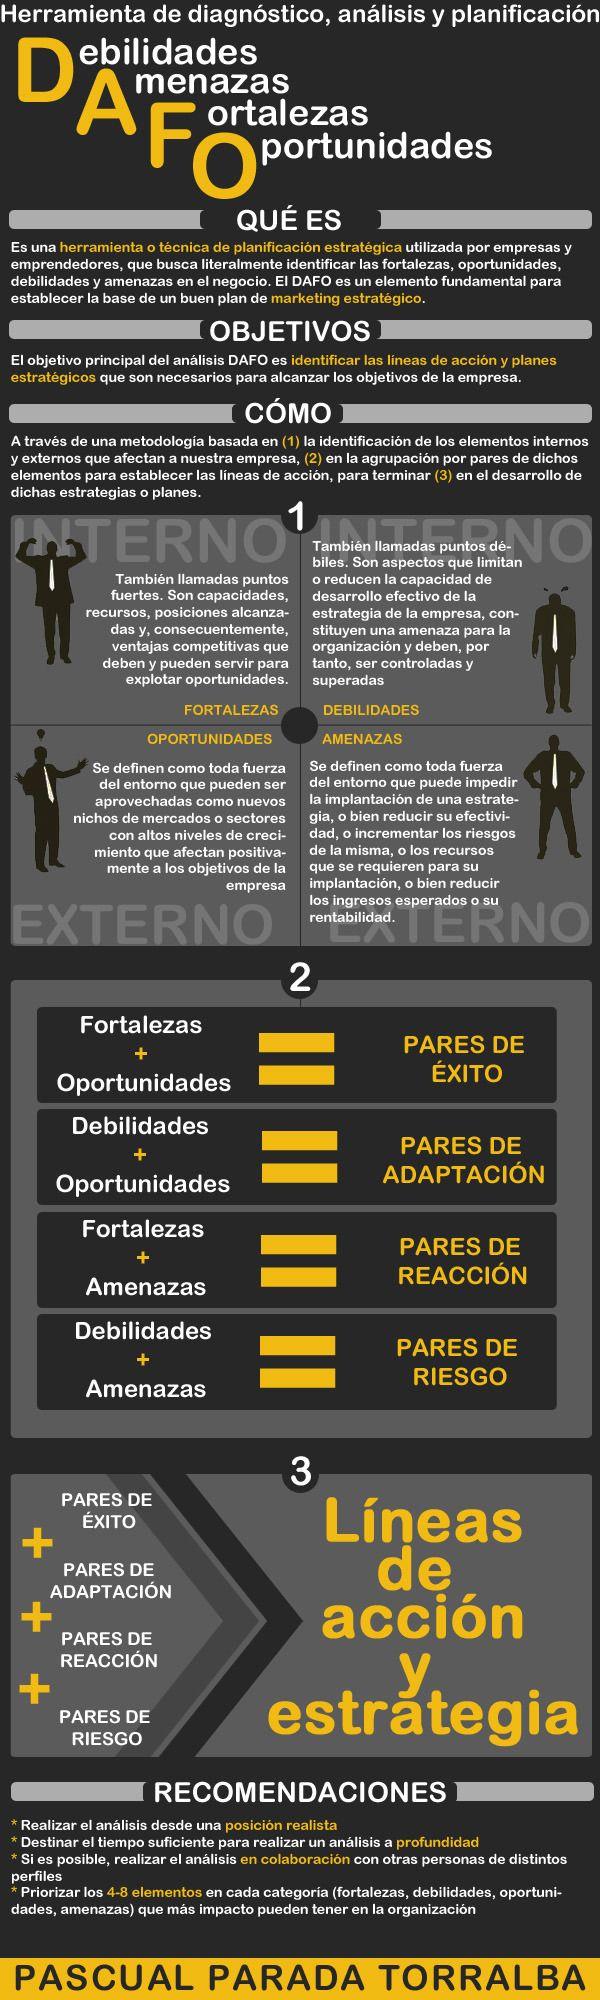 Qué es y cómo se utiliza en Análisis DAFO #infografia #infographic | TICs y Formación